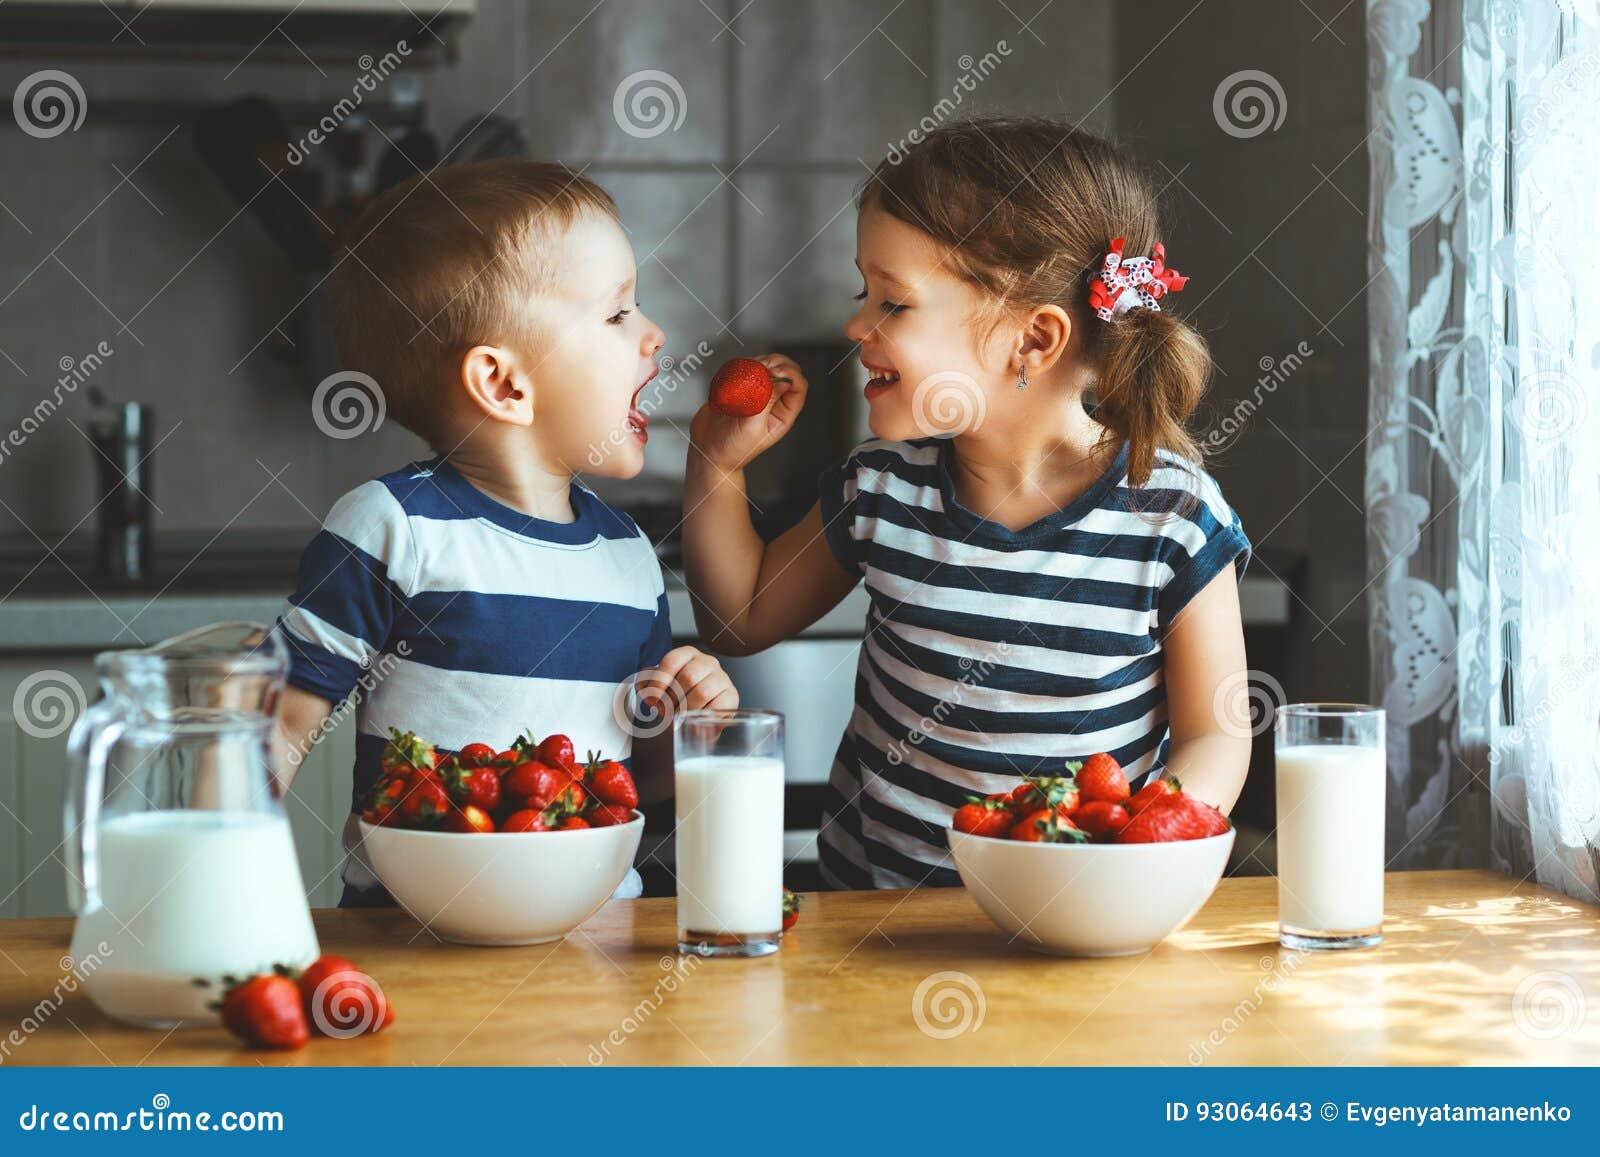 Glückliche Kinder Bruder und Schwester, die Erdbeeren mit Milch essen